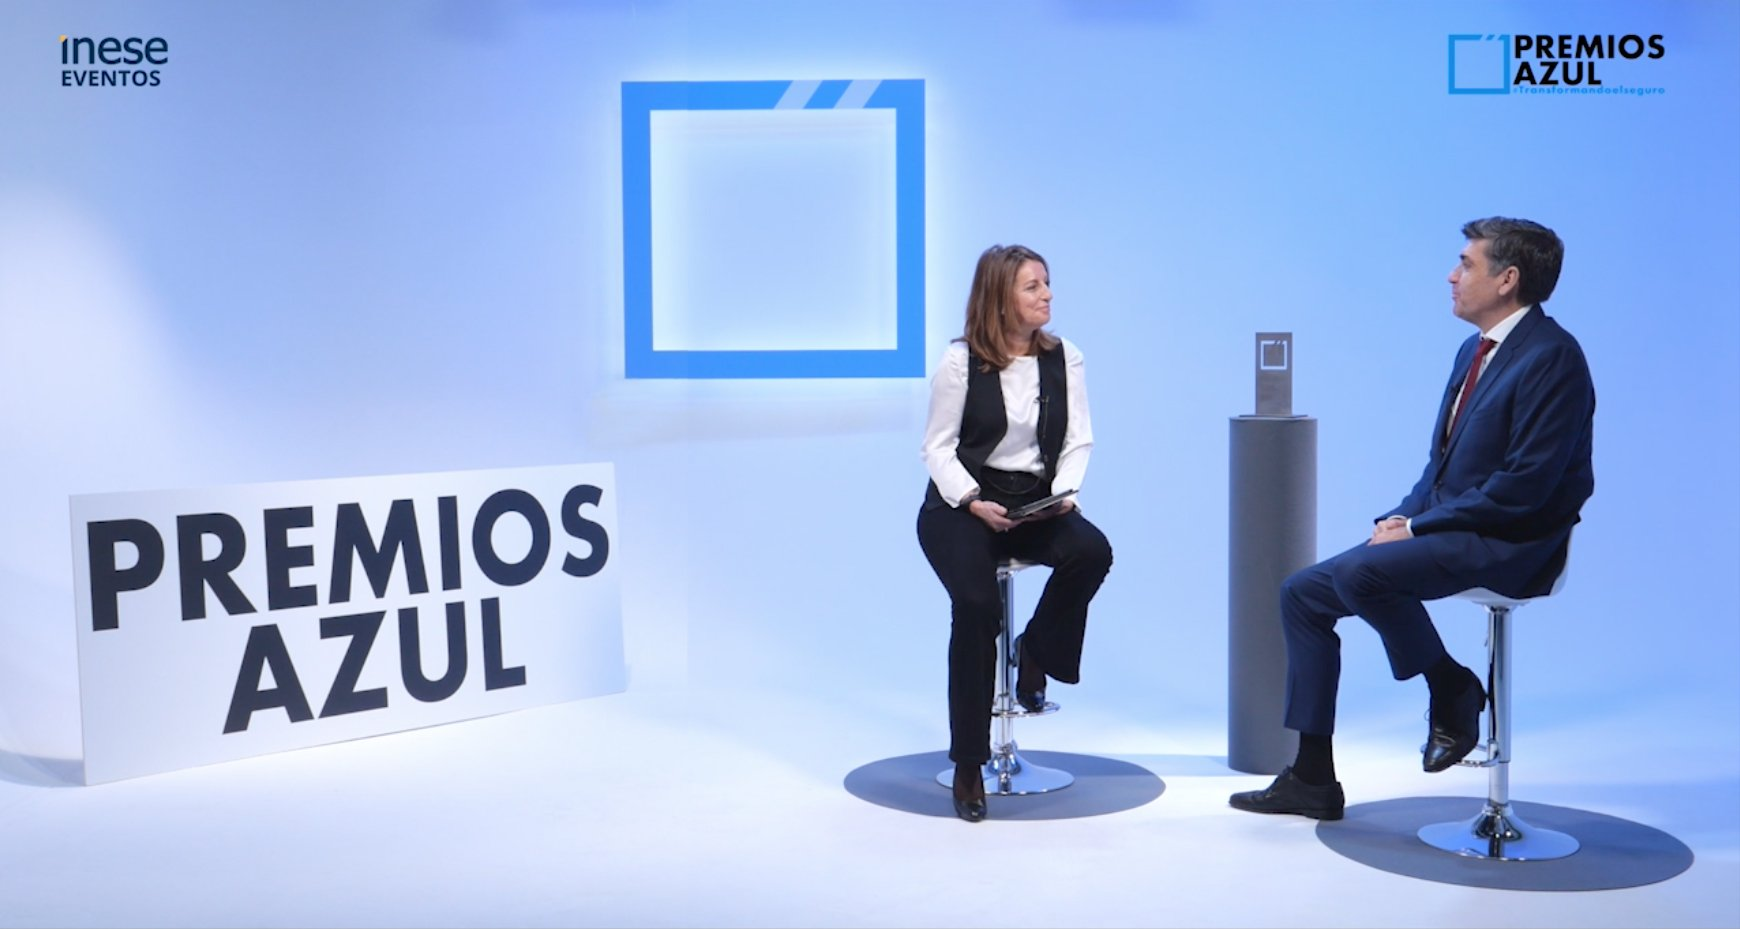 Susana Pérez y Juan Cumbrado en los Premios Azul 2020